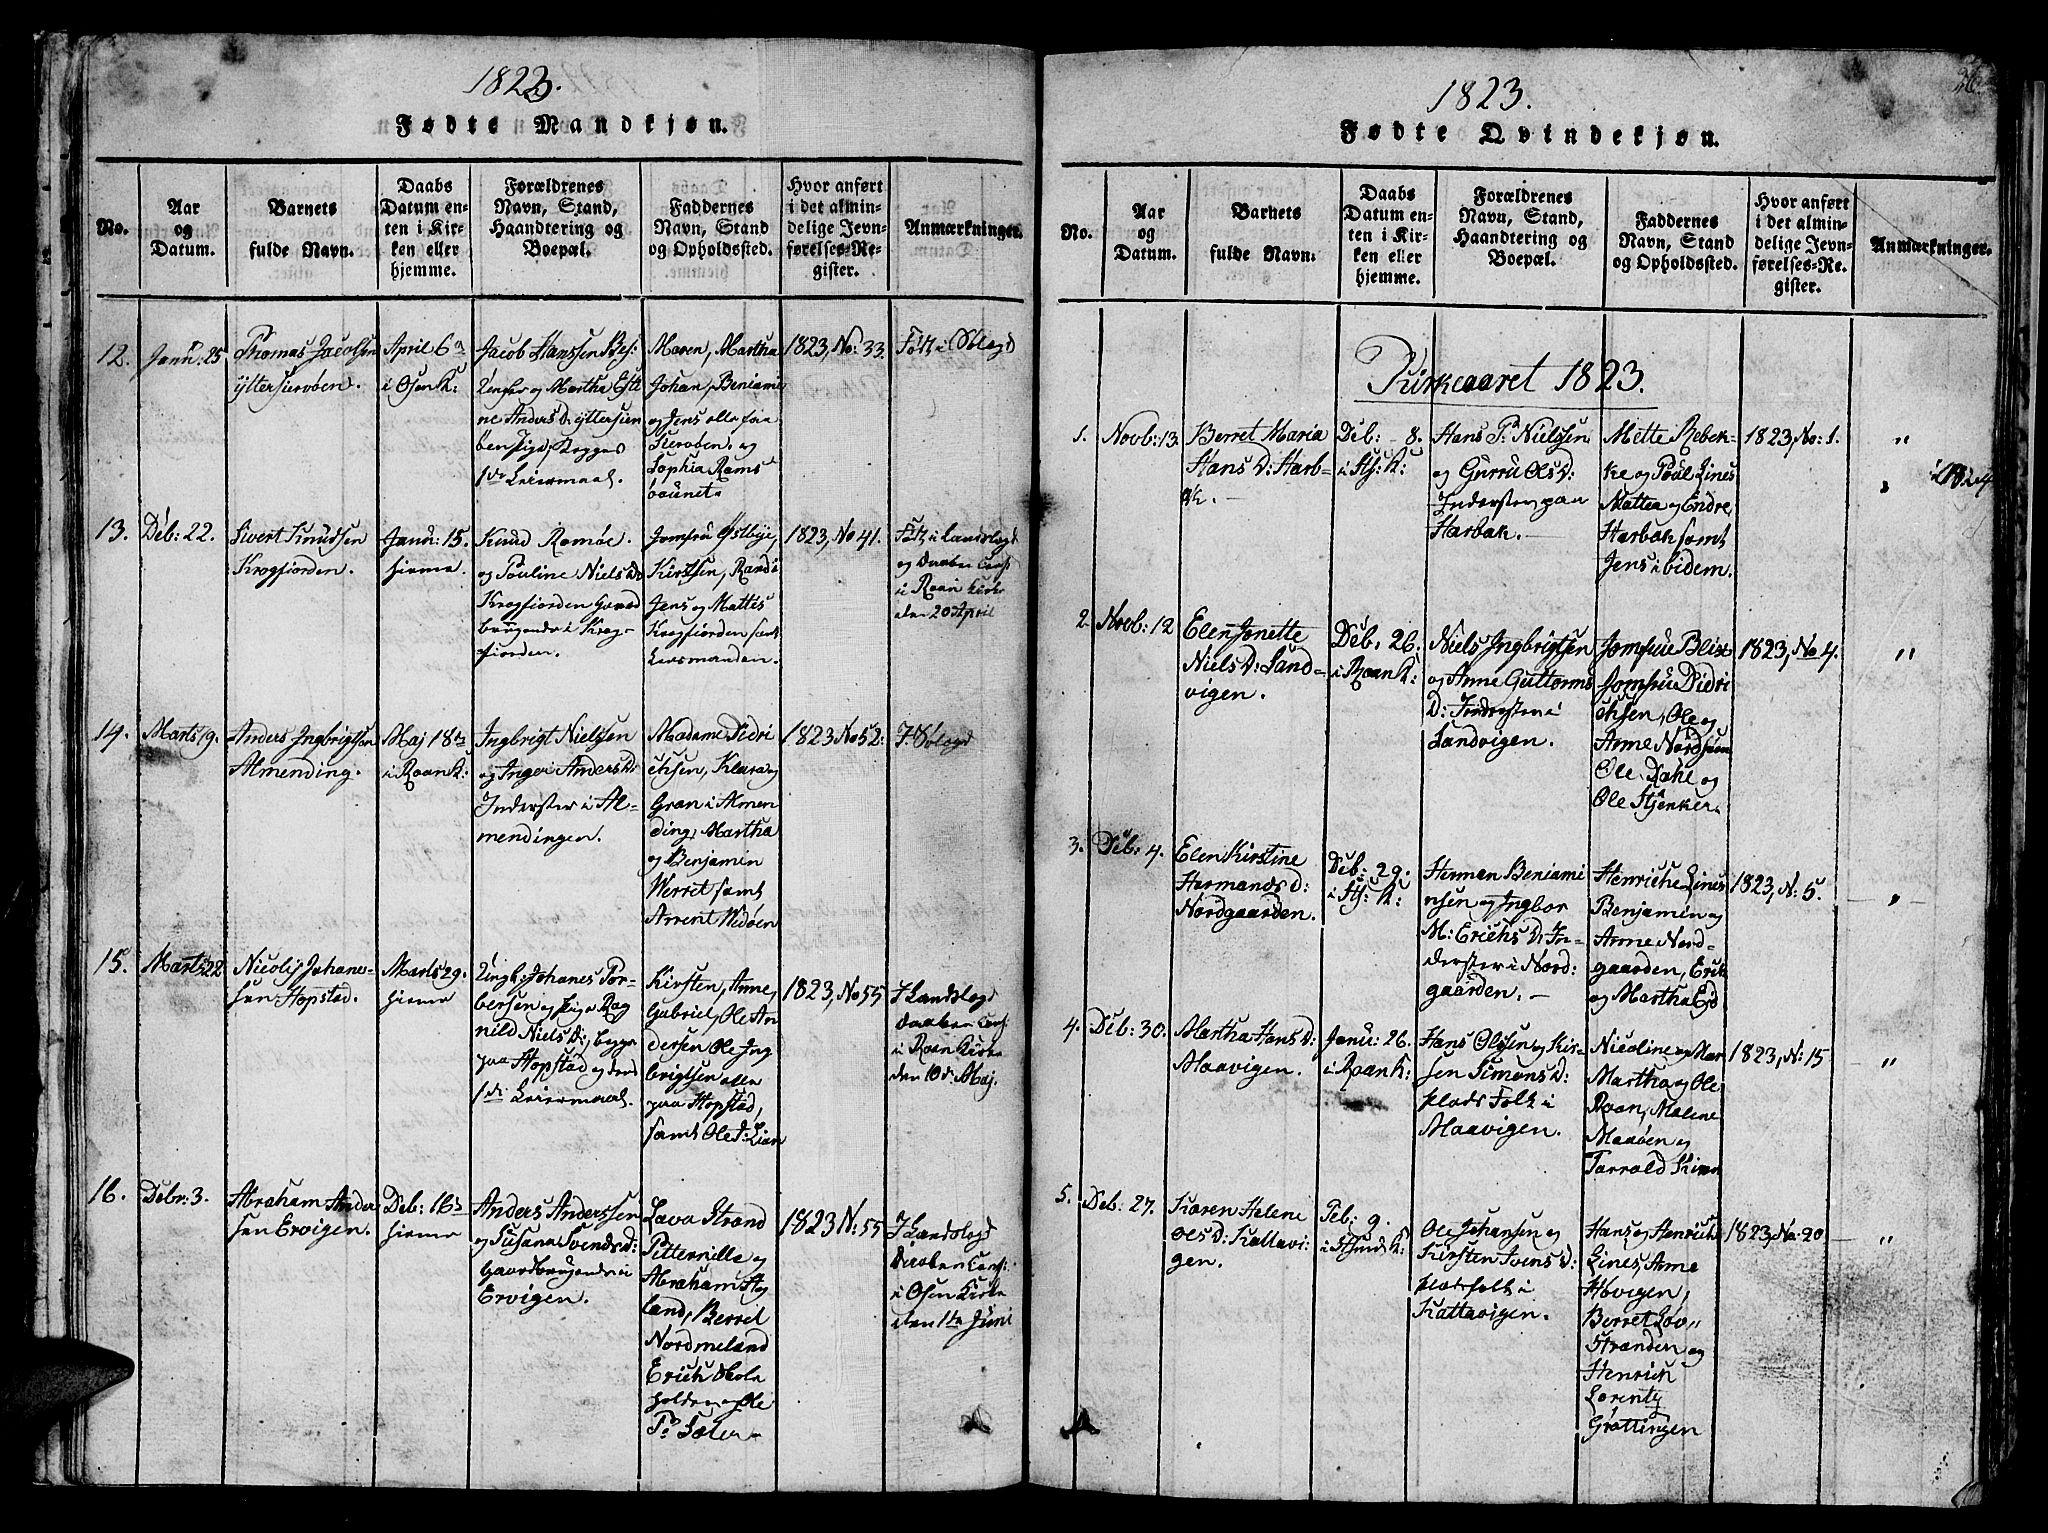 SAT, Ministerialprotokoller, klokkerbøker og fødselsregistre - Sør-Trøndelag, 657/L0714: Klokkerbok nr. 657C01, 1818-1868, s. 26